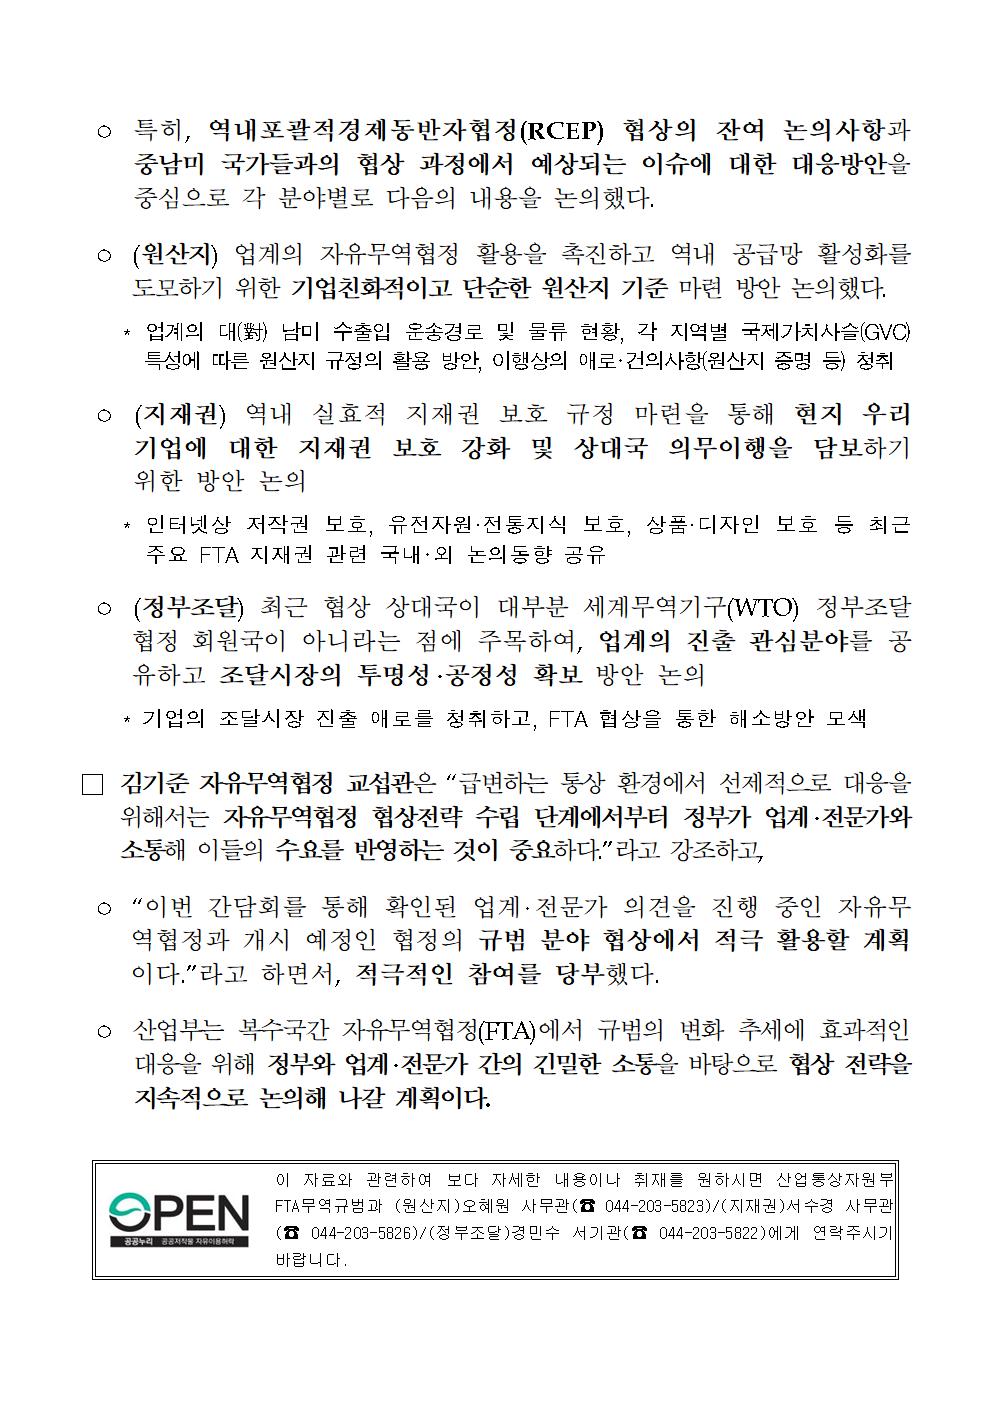 0516 (17일석간) FTA무역규범과, FTA 무역규범간담회002.png